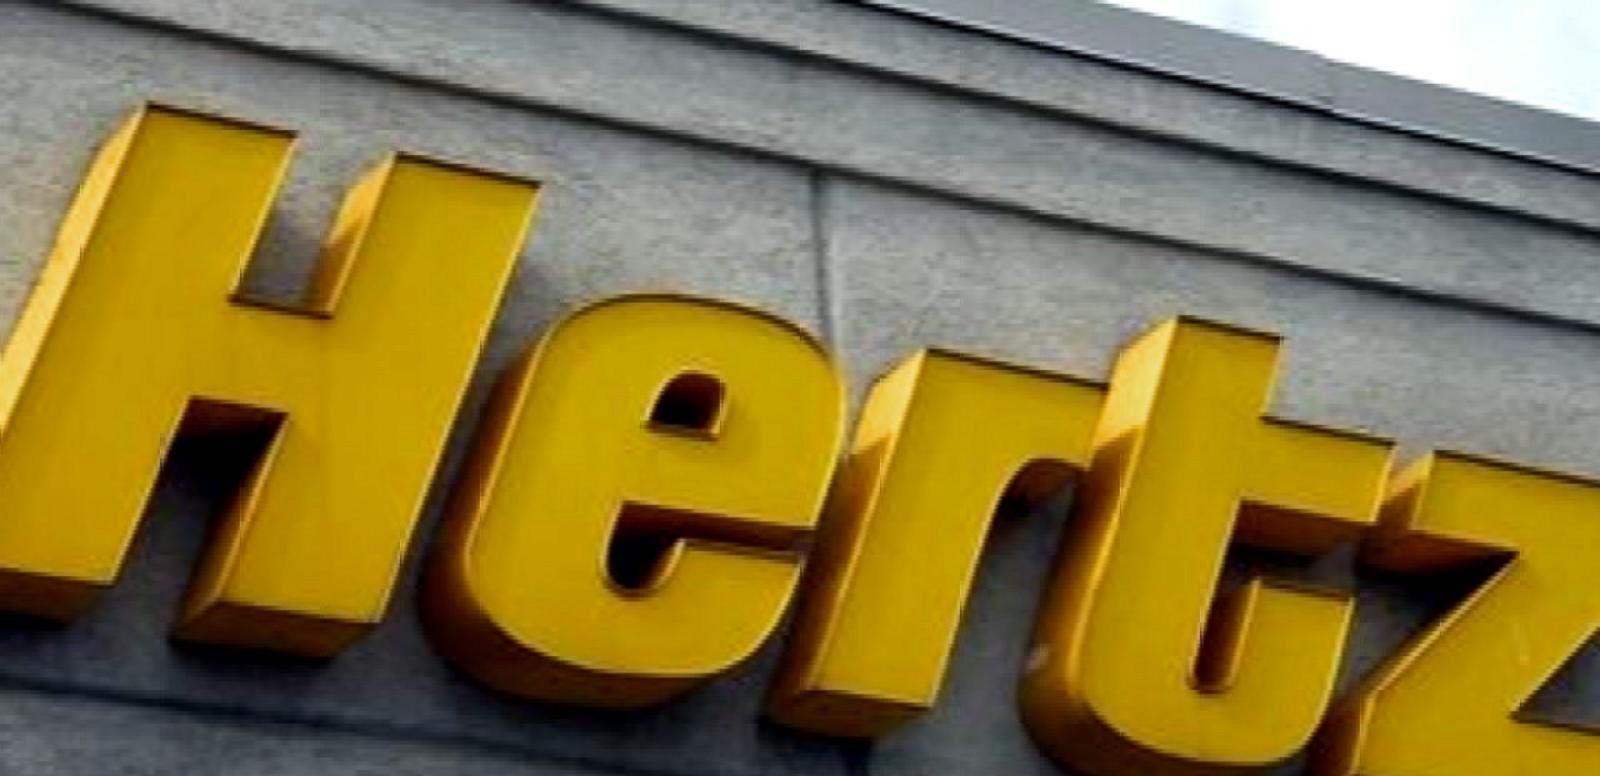 VIDEO: Hertz Revving Higher as Markets Soar